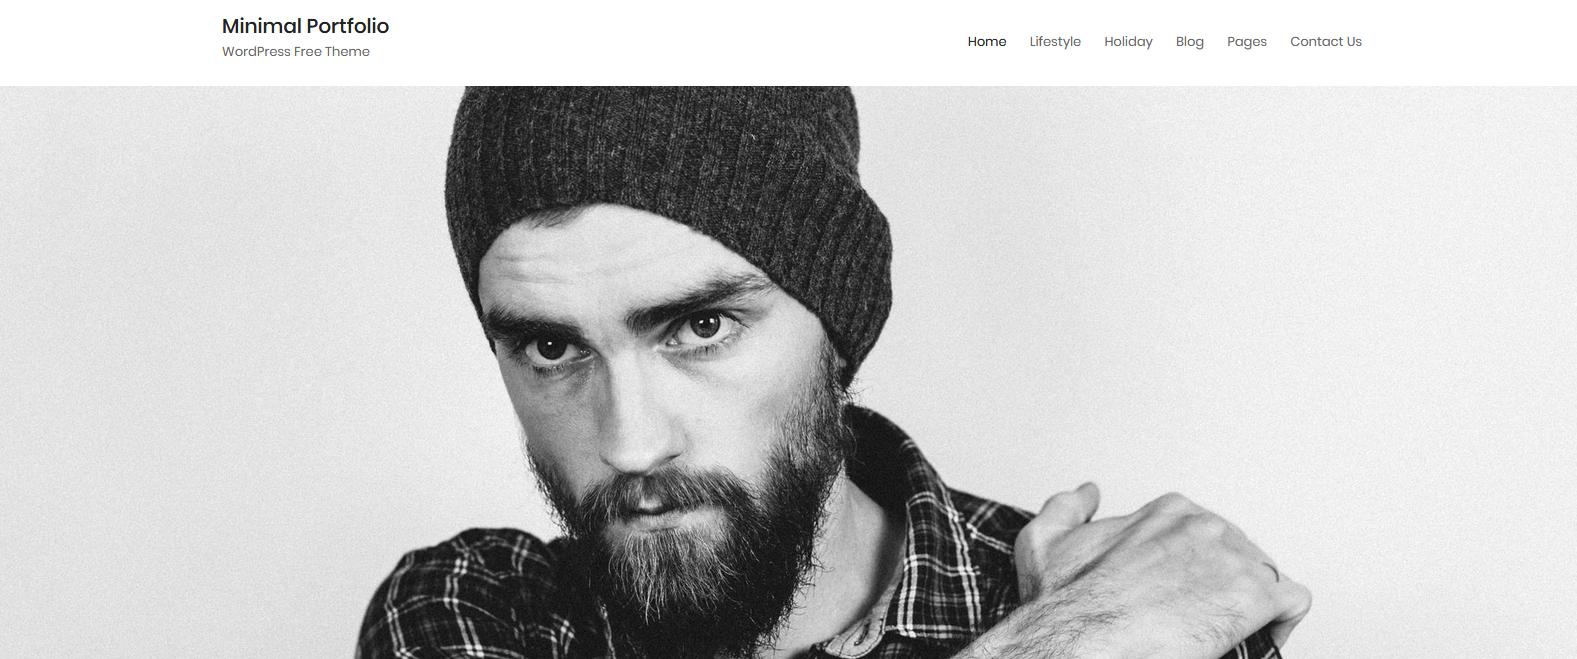 Демо-сайт с темой Minimal Portfolio